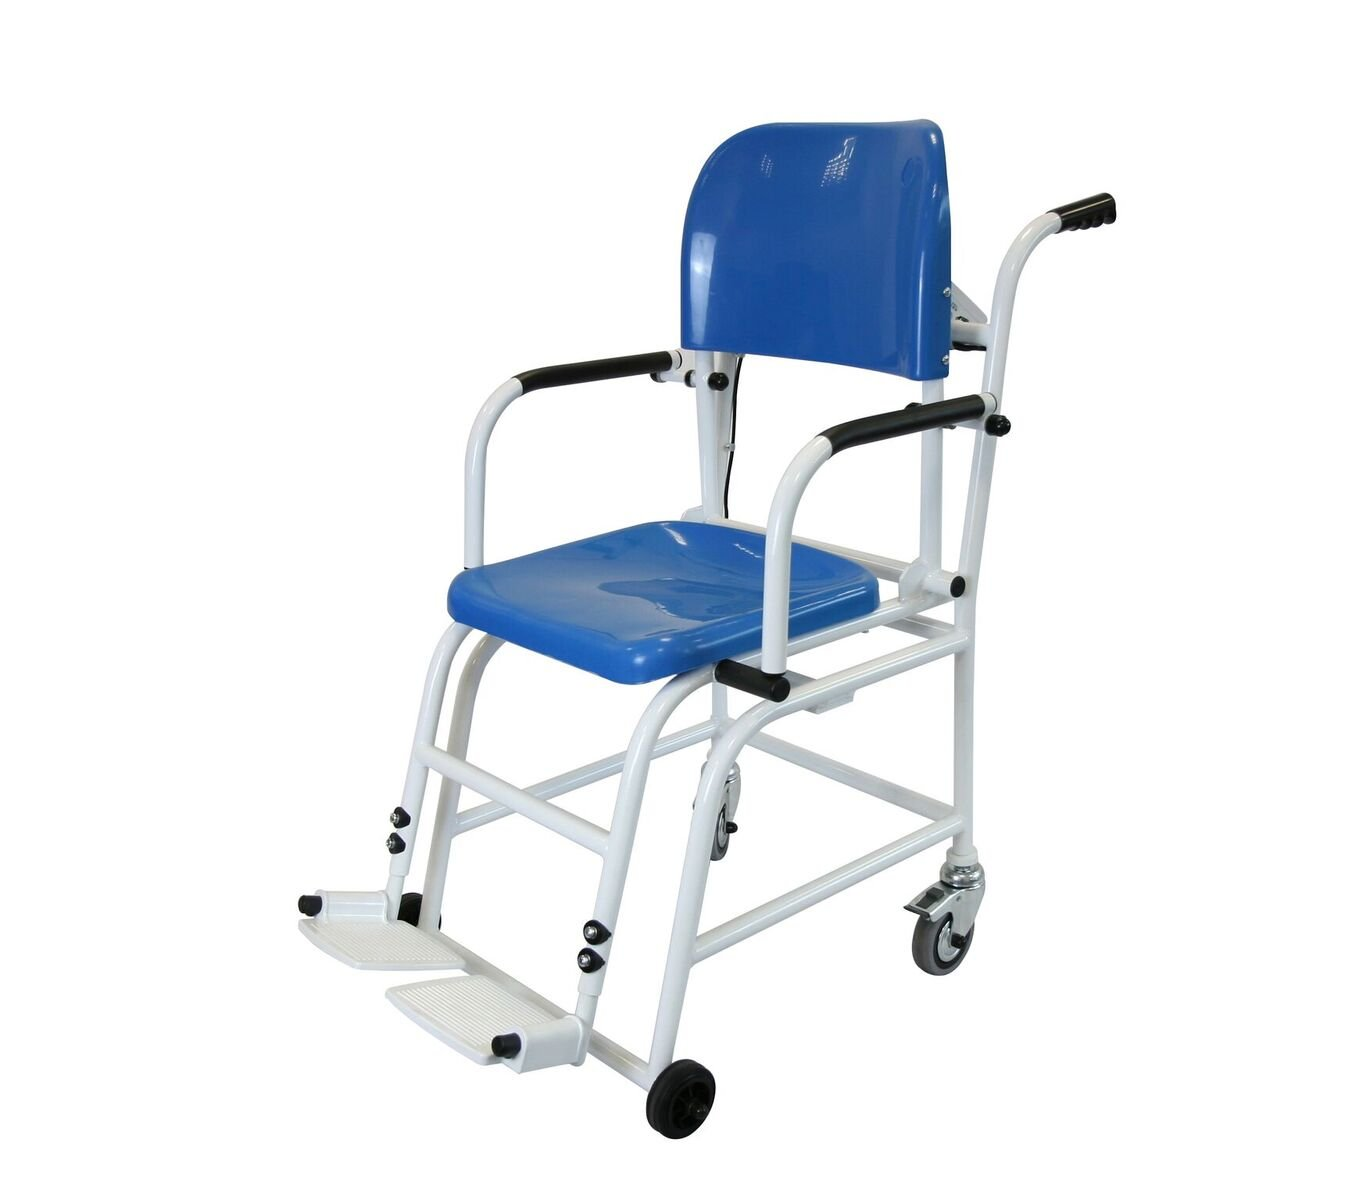 Marsden M-210BT - Báscula profesional para silla con Bluetooth: Amazon.es: Industria, empresas y ciencia